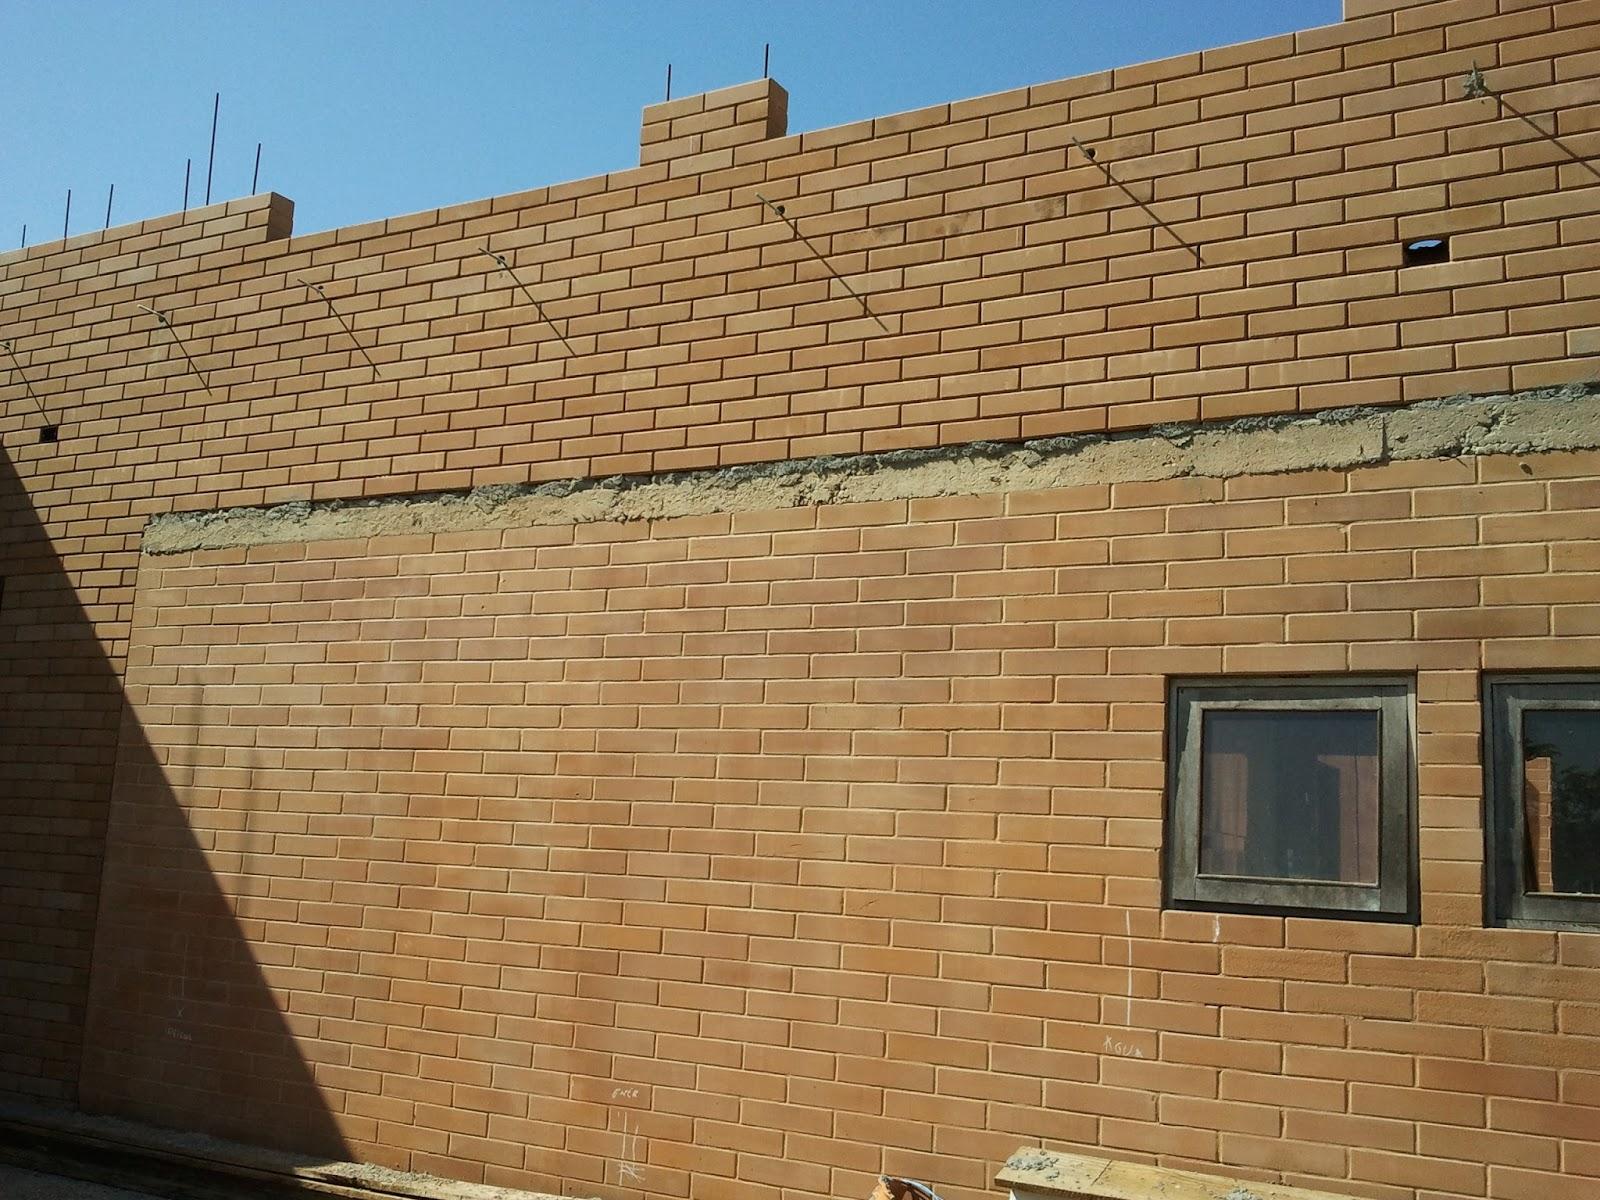 Construindo e Ampliando com Tijolo Solo cimento / Ecológico: Mezanino #2E709D 1600x1200 Banheiro Com Tijolo Ecologico